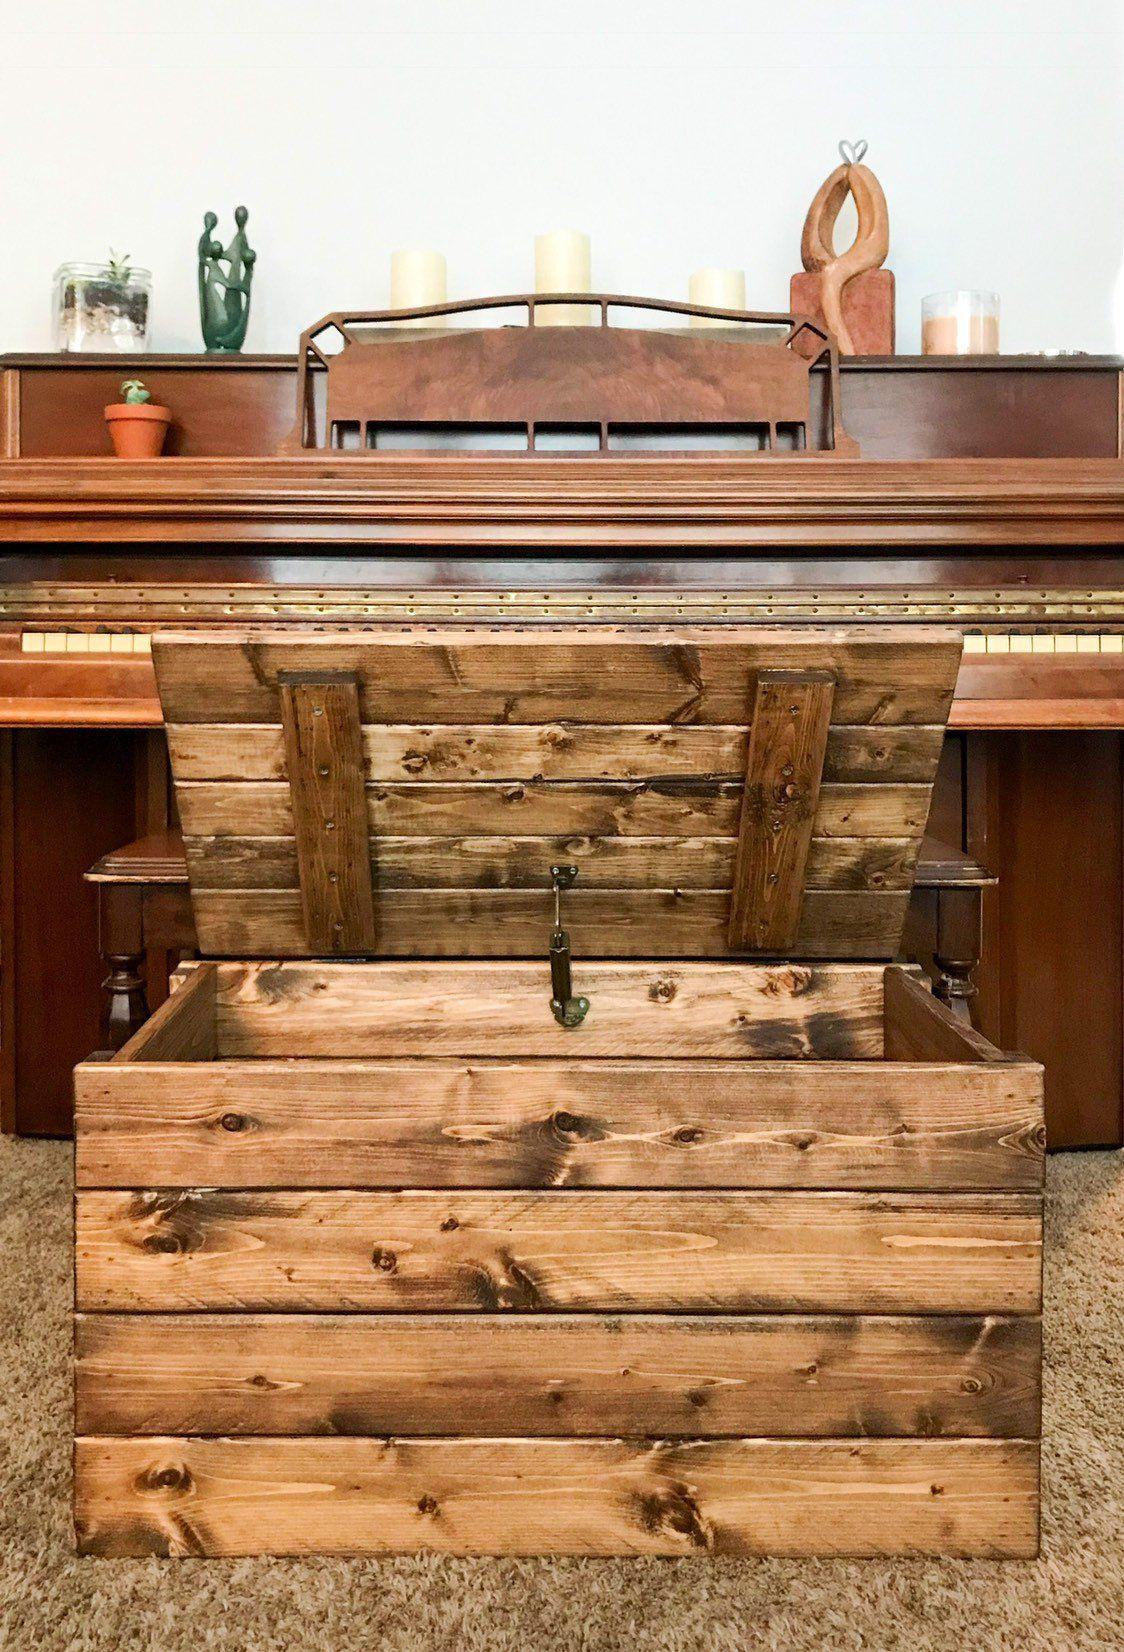 Dnm woods etsy shop rustic wood storage trunk blanket